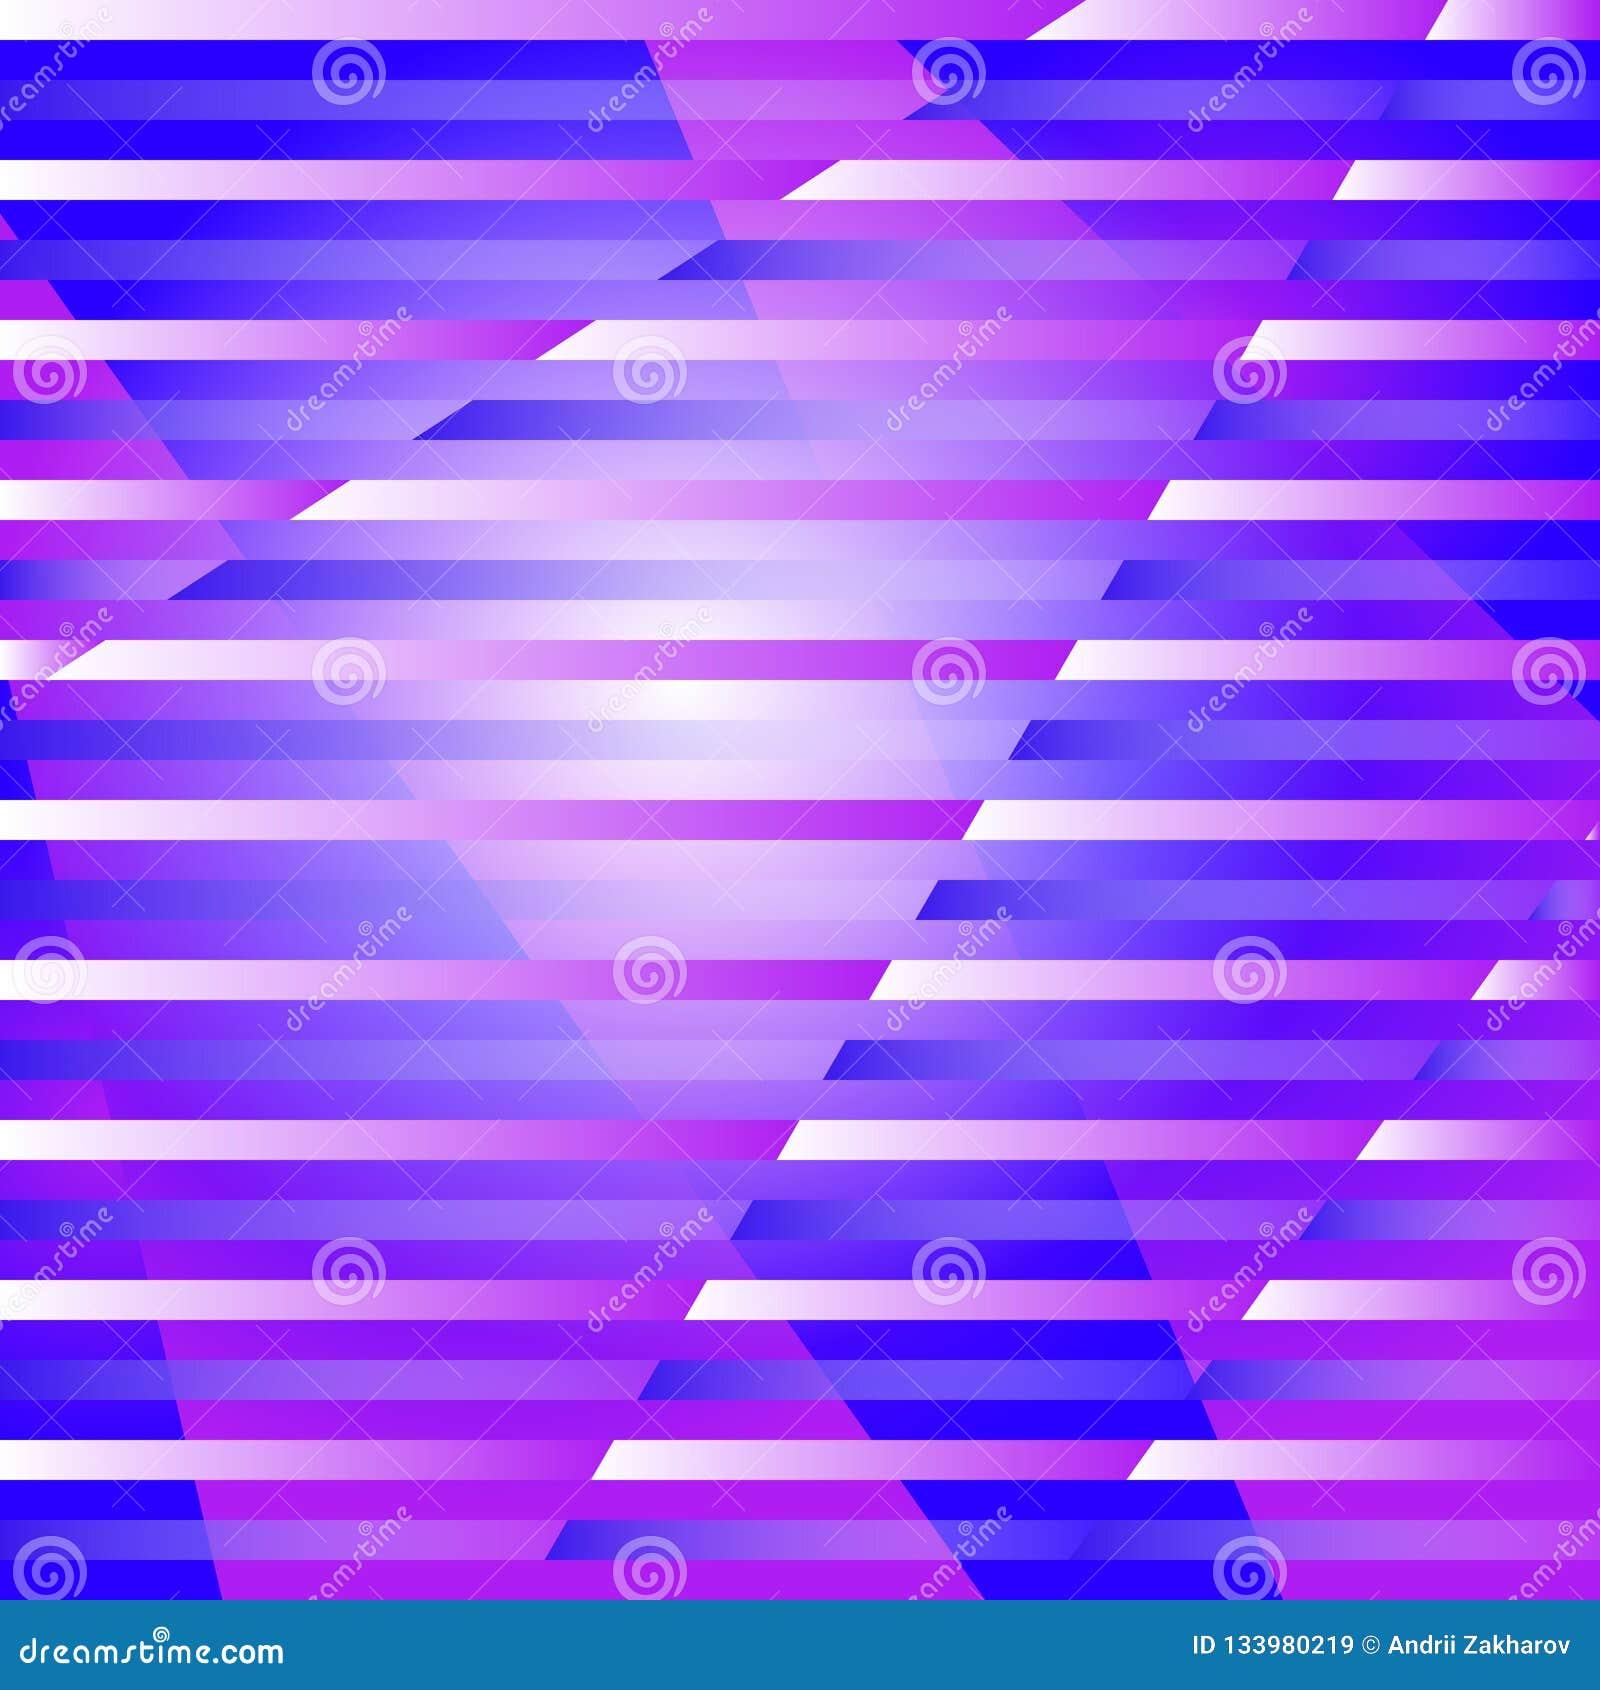 Fundo geométrico abstrato com listras e raios